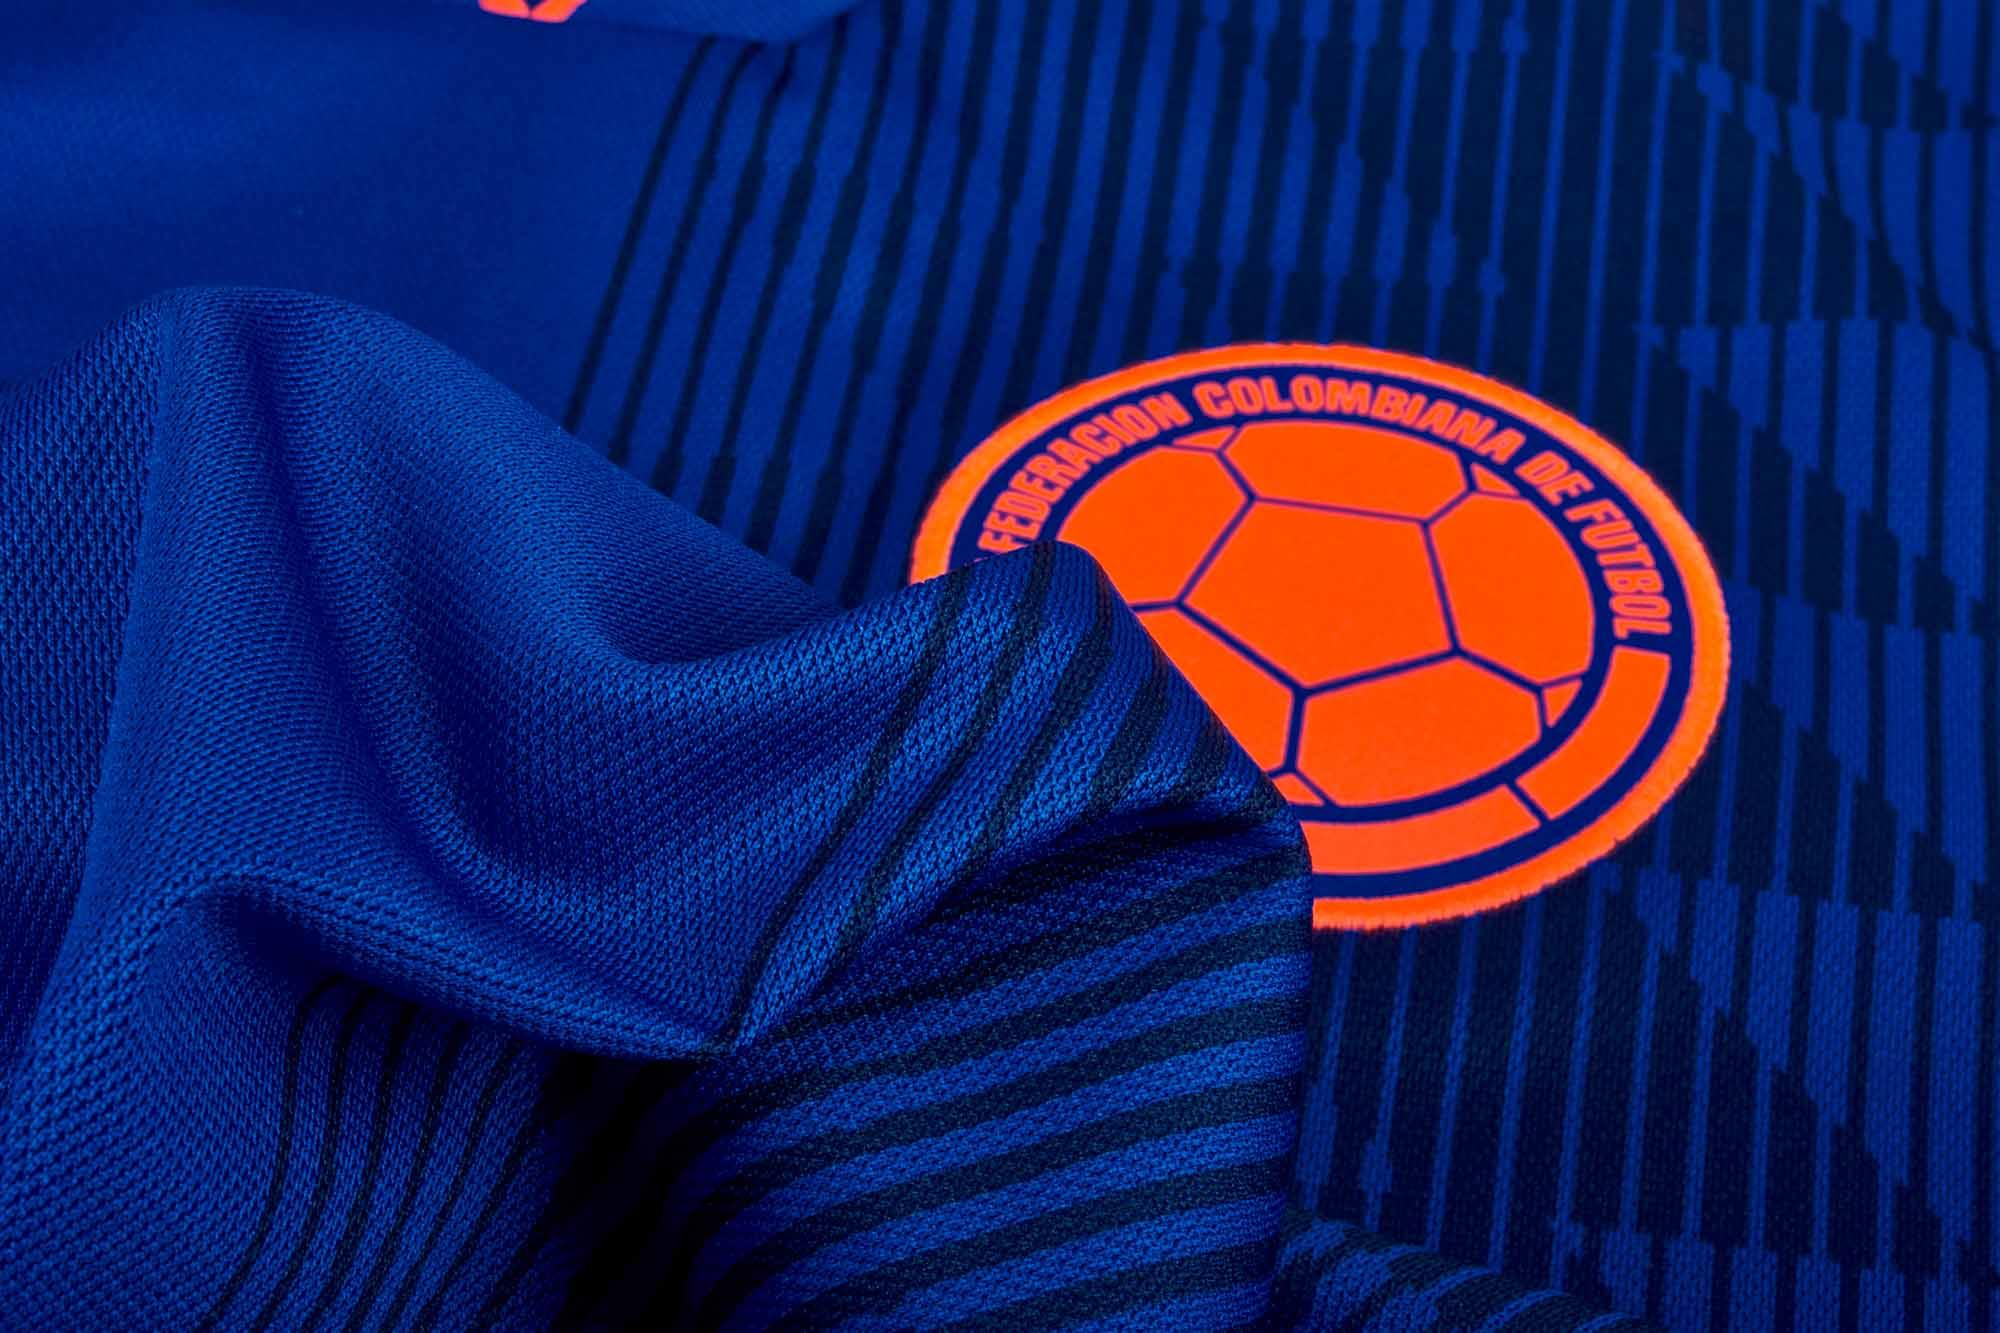 Colombia Soccer Jersey 2018 Away - Joe Maloy 03502483f